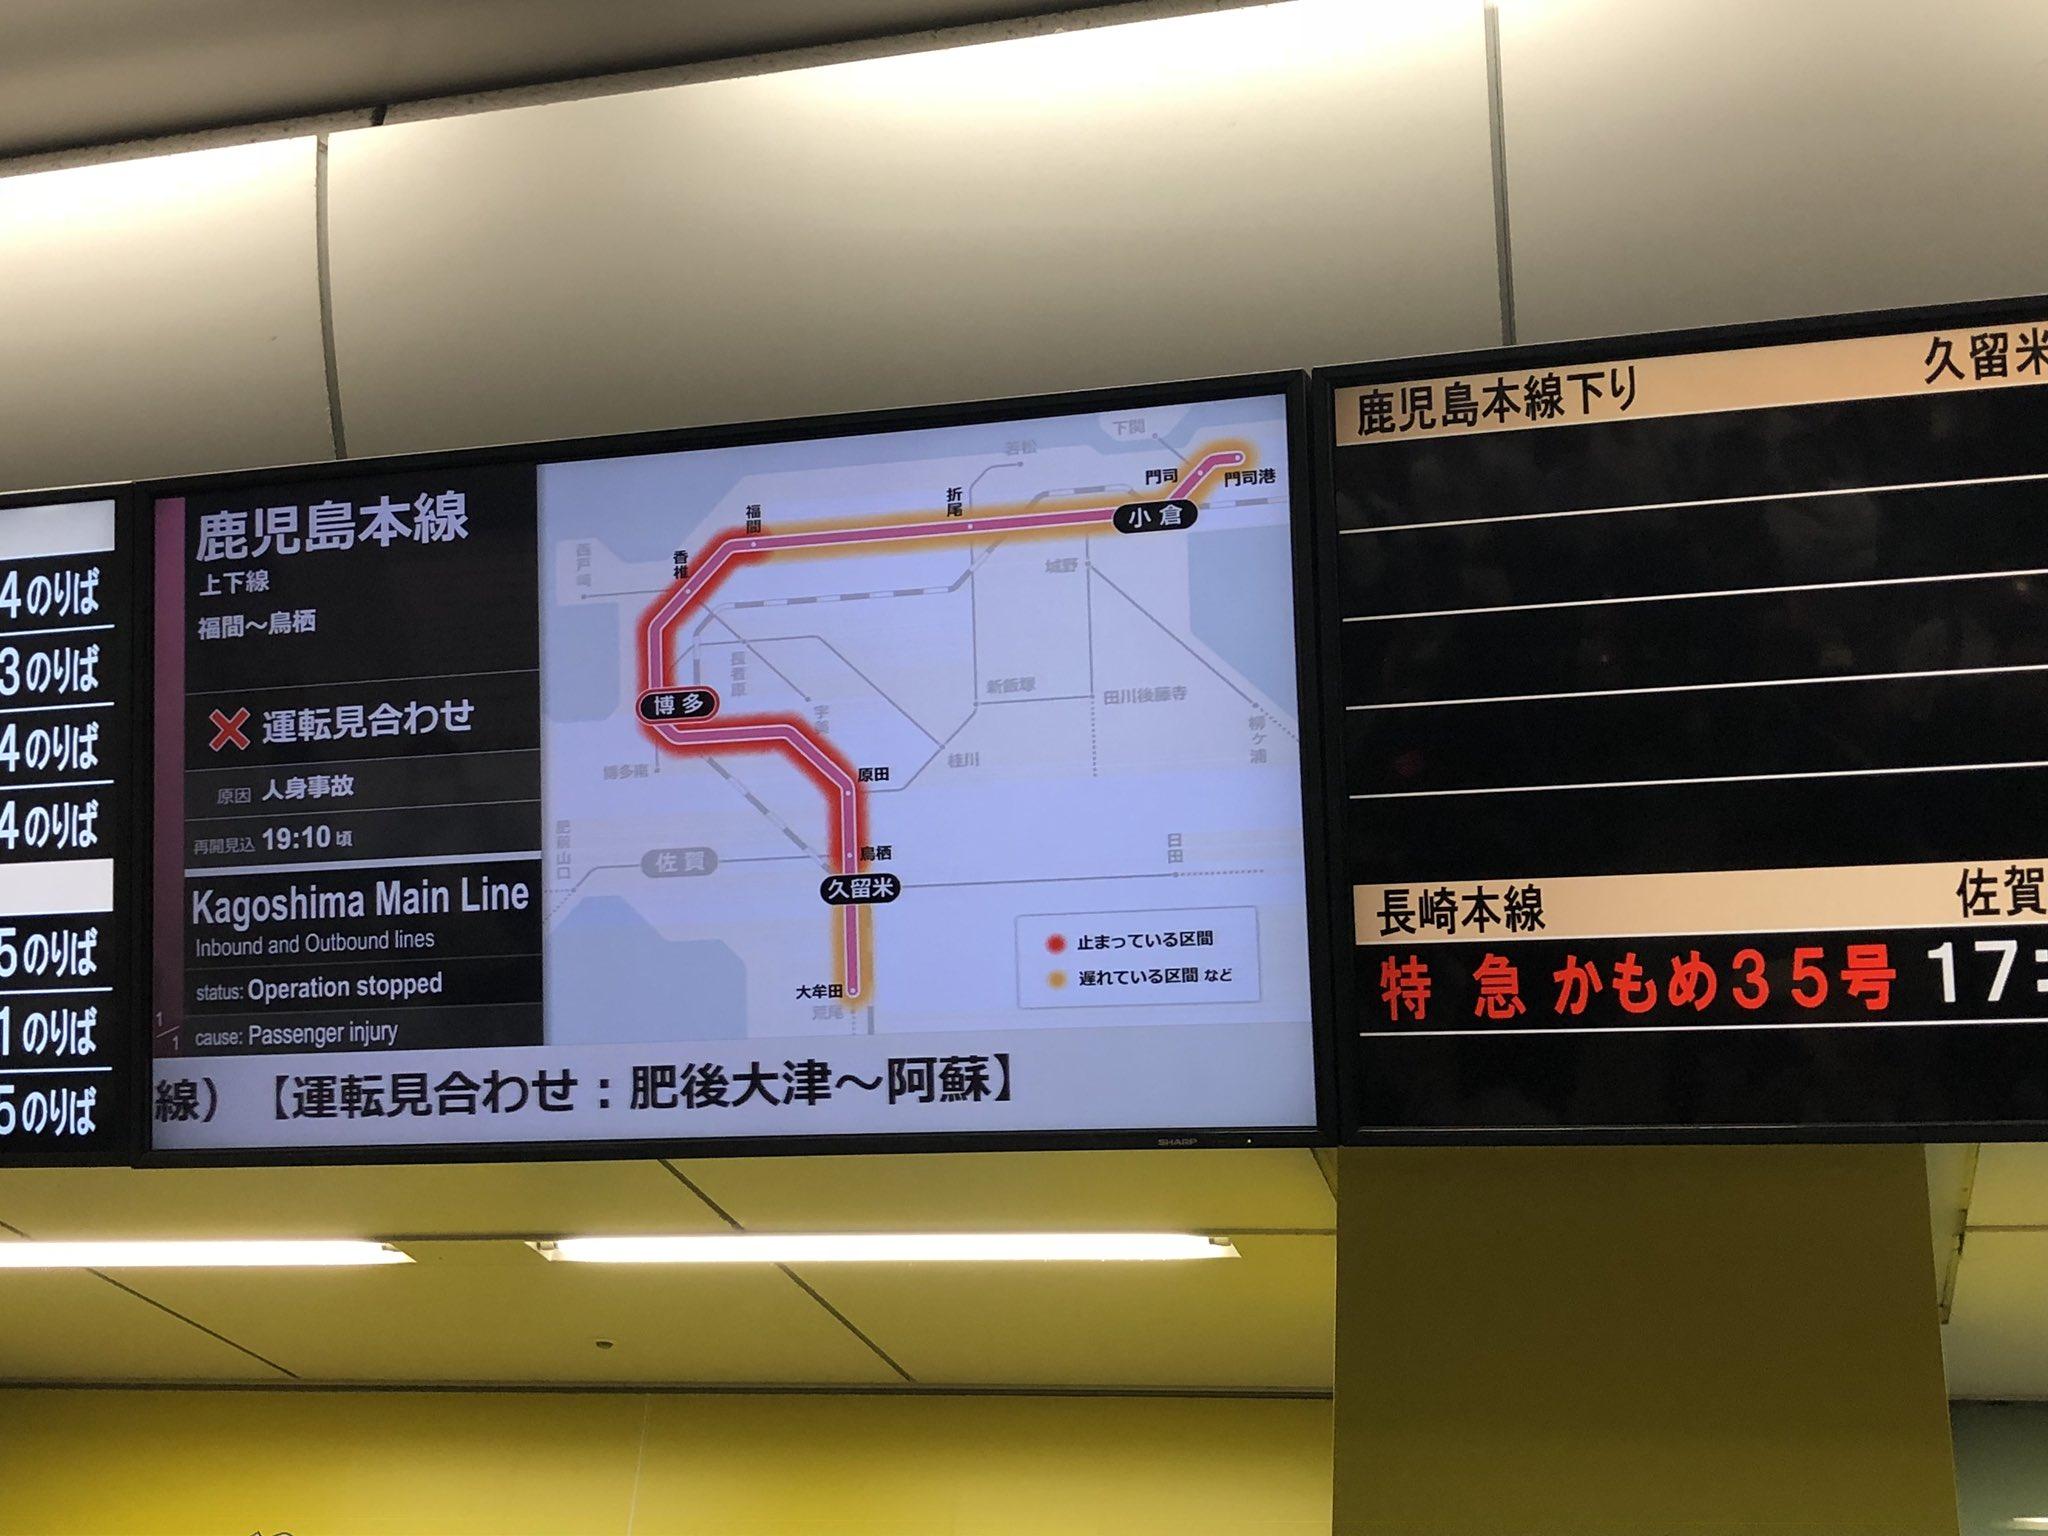 画像,竹下駅で人身事故が発生鹿児島本線上下線とも運転見合わせ、福北豊線は運転してます。博多駅の運転再開見込みが19:10💦 https://t.co/TfIqLLZ8…